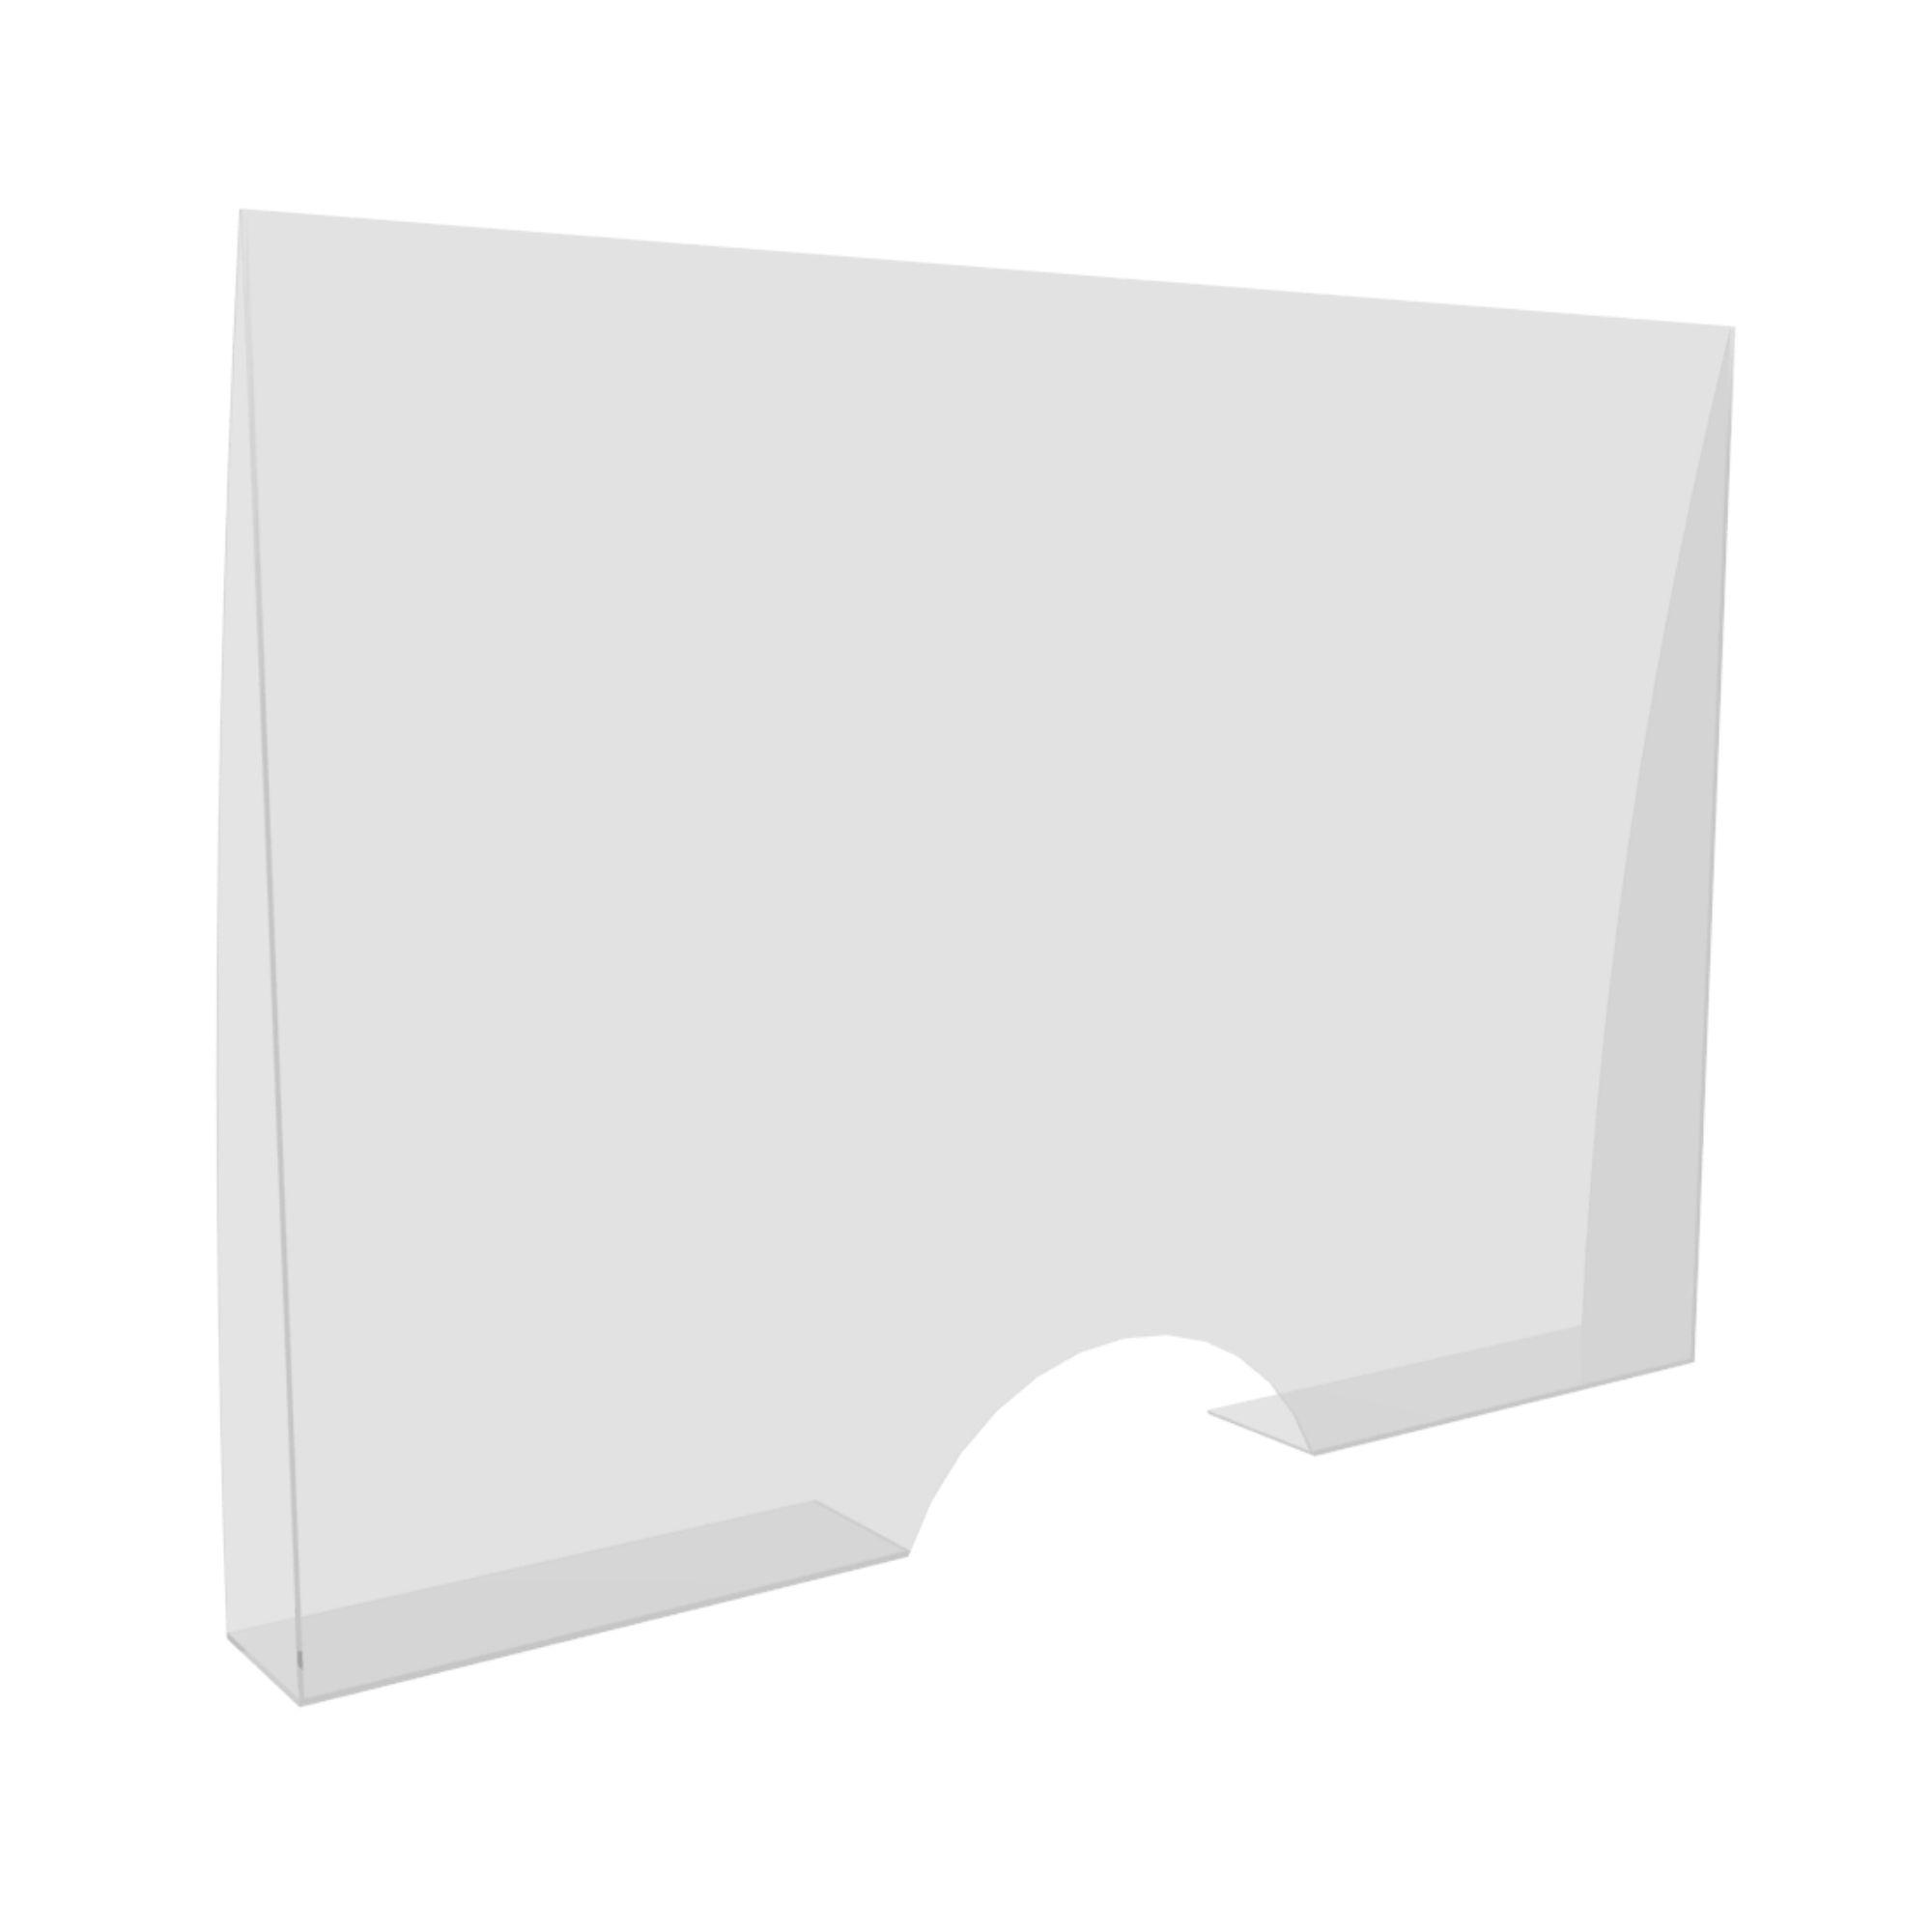 Escudo Protetor Salivar Balcão Com Aba Lateral 60x70cm